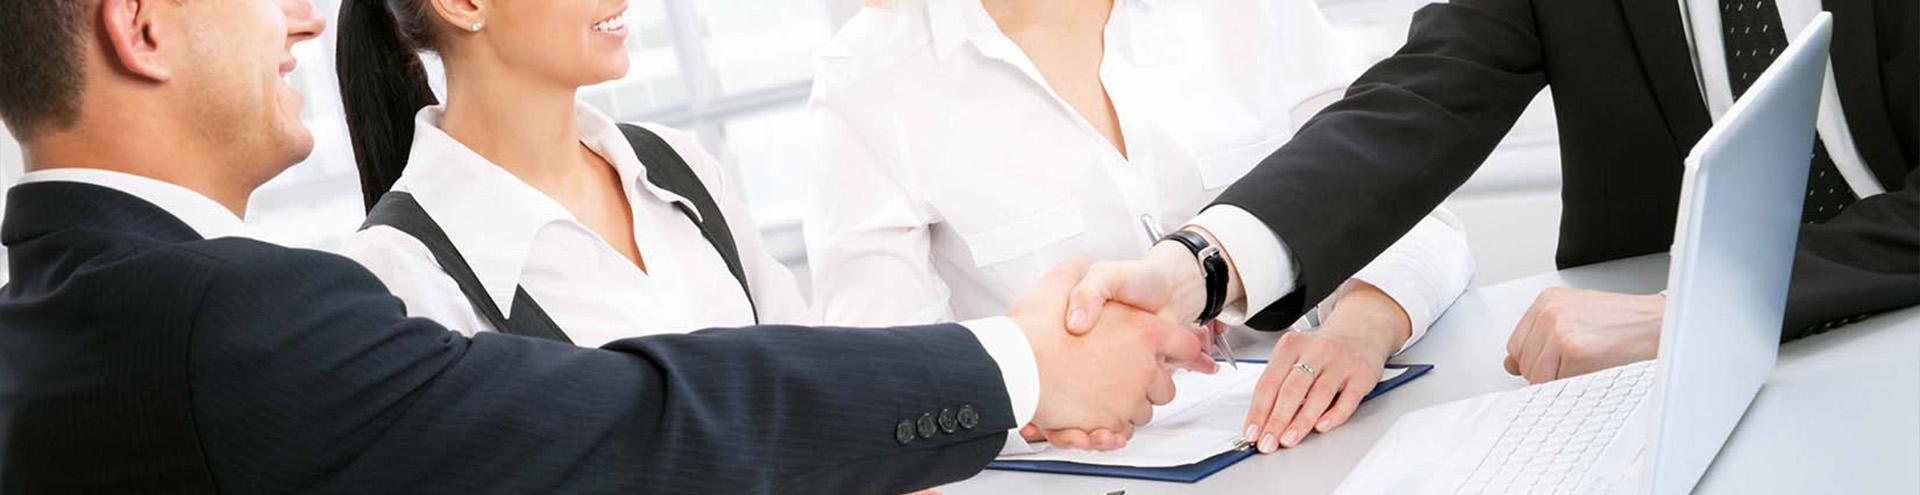 юридическое обслуживание физических лиц в Рязани и Рязанской области